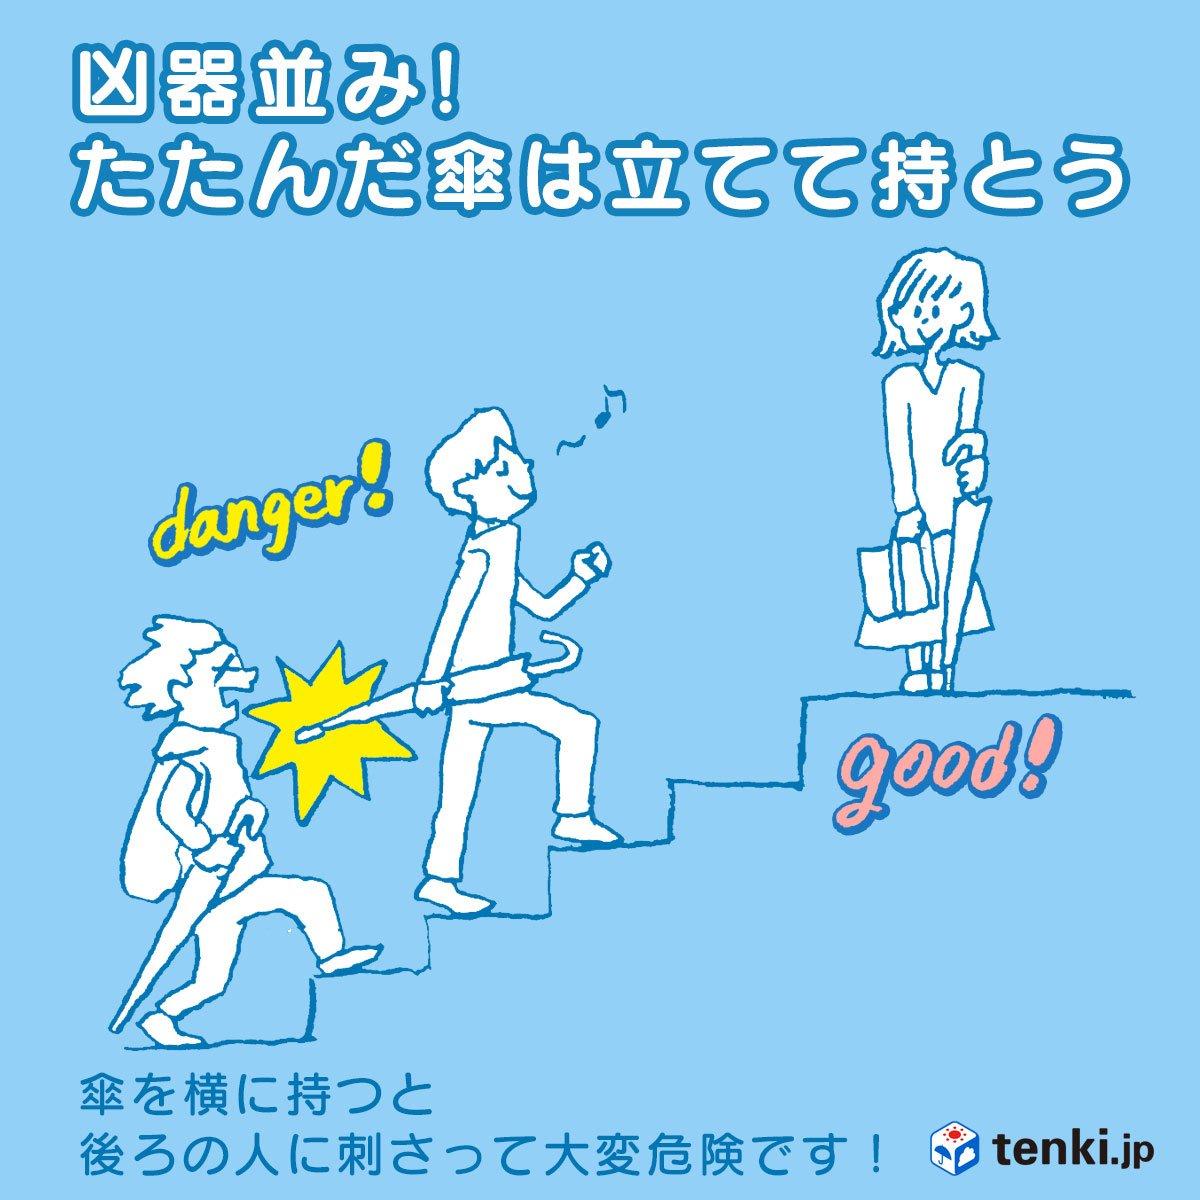 【雨の日マナー 凶器並み!たたんだ傘は立てて持とう。】tenki.jp/suppl/tenkijp_… 傘を横に持つと、後ろの人に刺さって大変危険です!駅の階段では特に注意してくださいね。